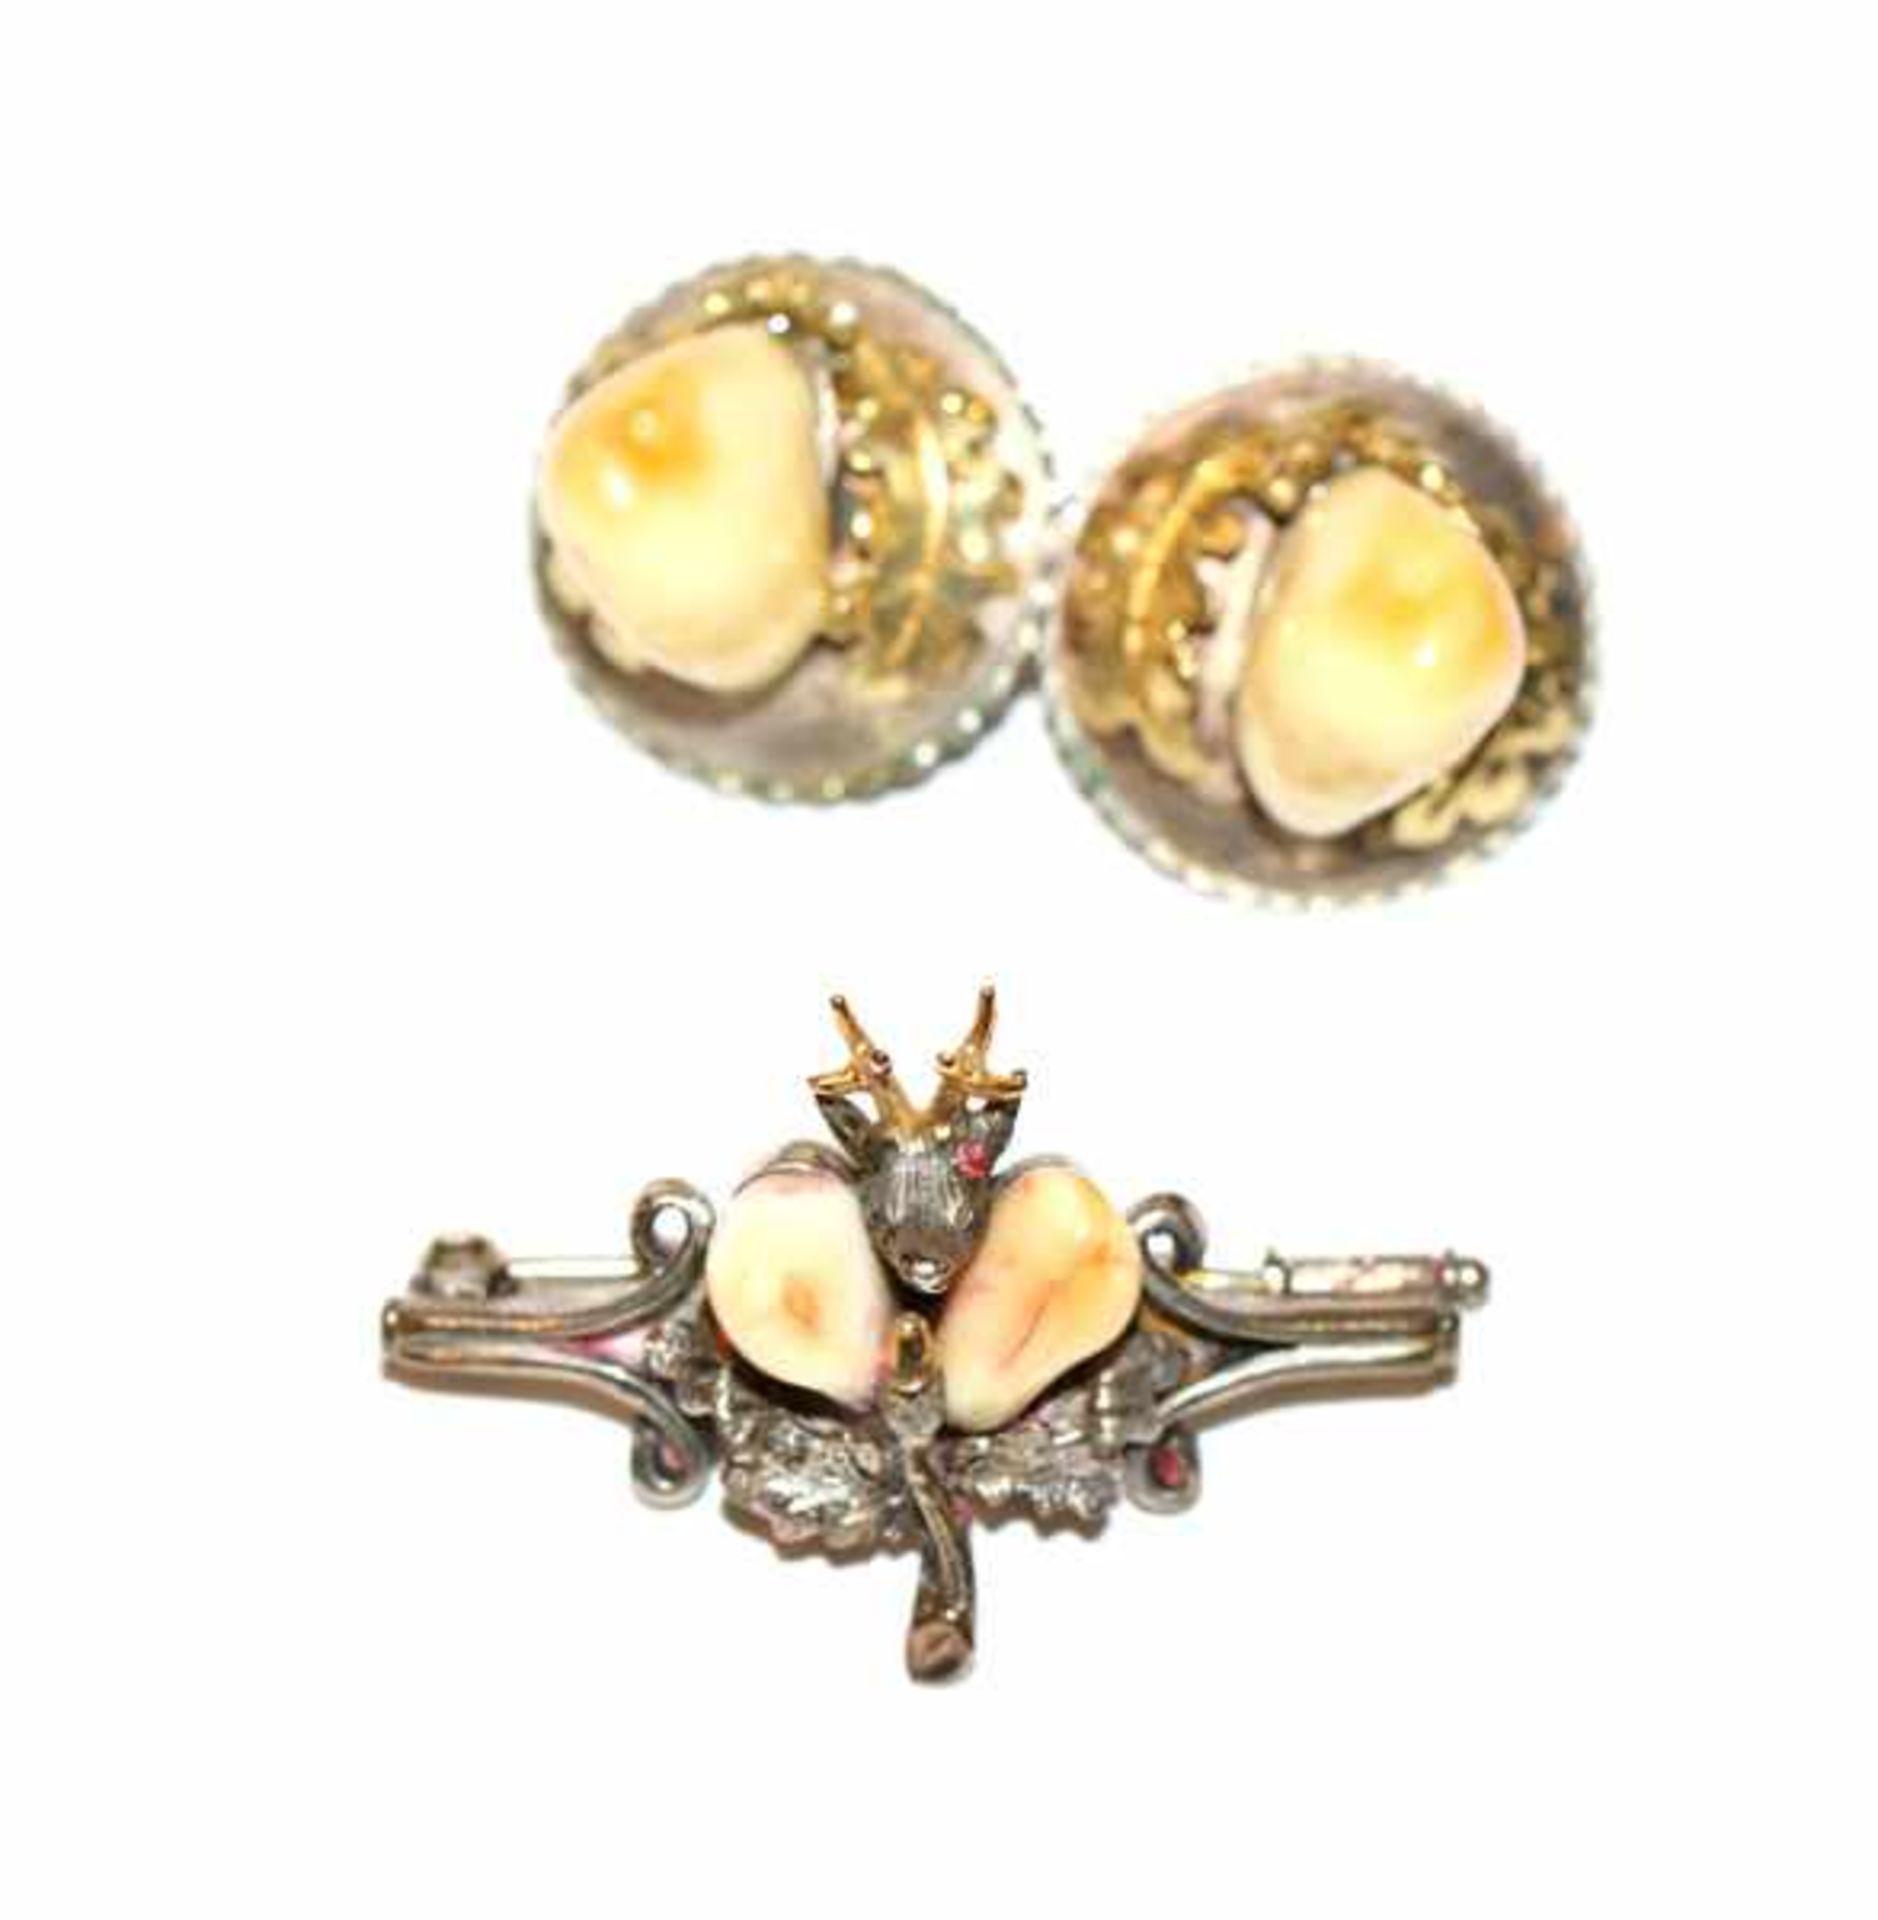 Paar Silber/teils vergoldete Ohrclips mit Grandeln und Silber Brosche mit plastischem Rehkopf und